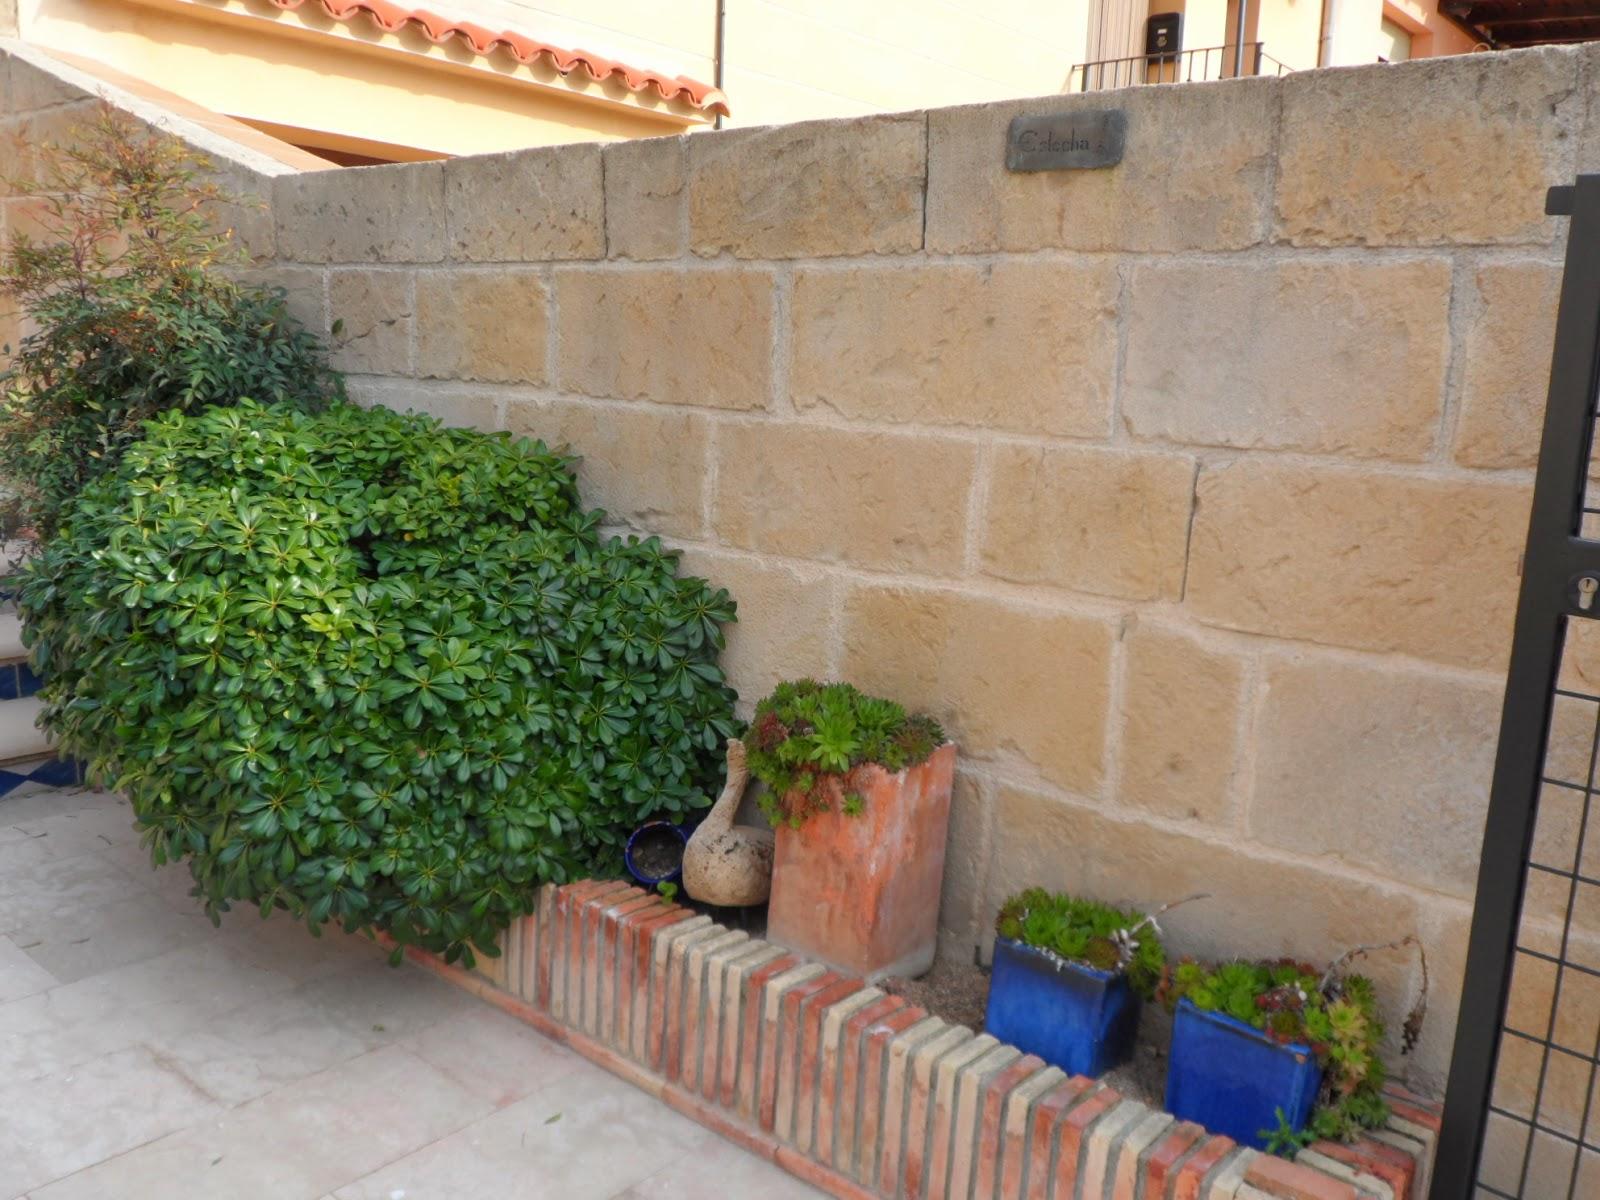 gaviones decorativos para el jard n y jardiner a Muros medieros estecha reproducciones Ladrillos decorativos para jardin